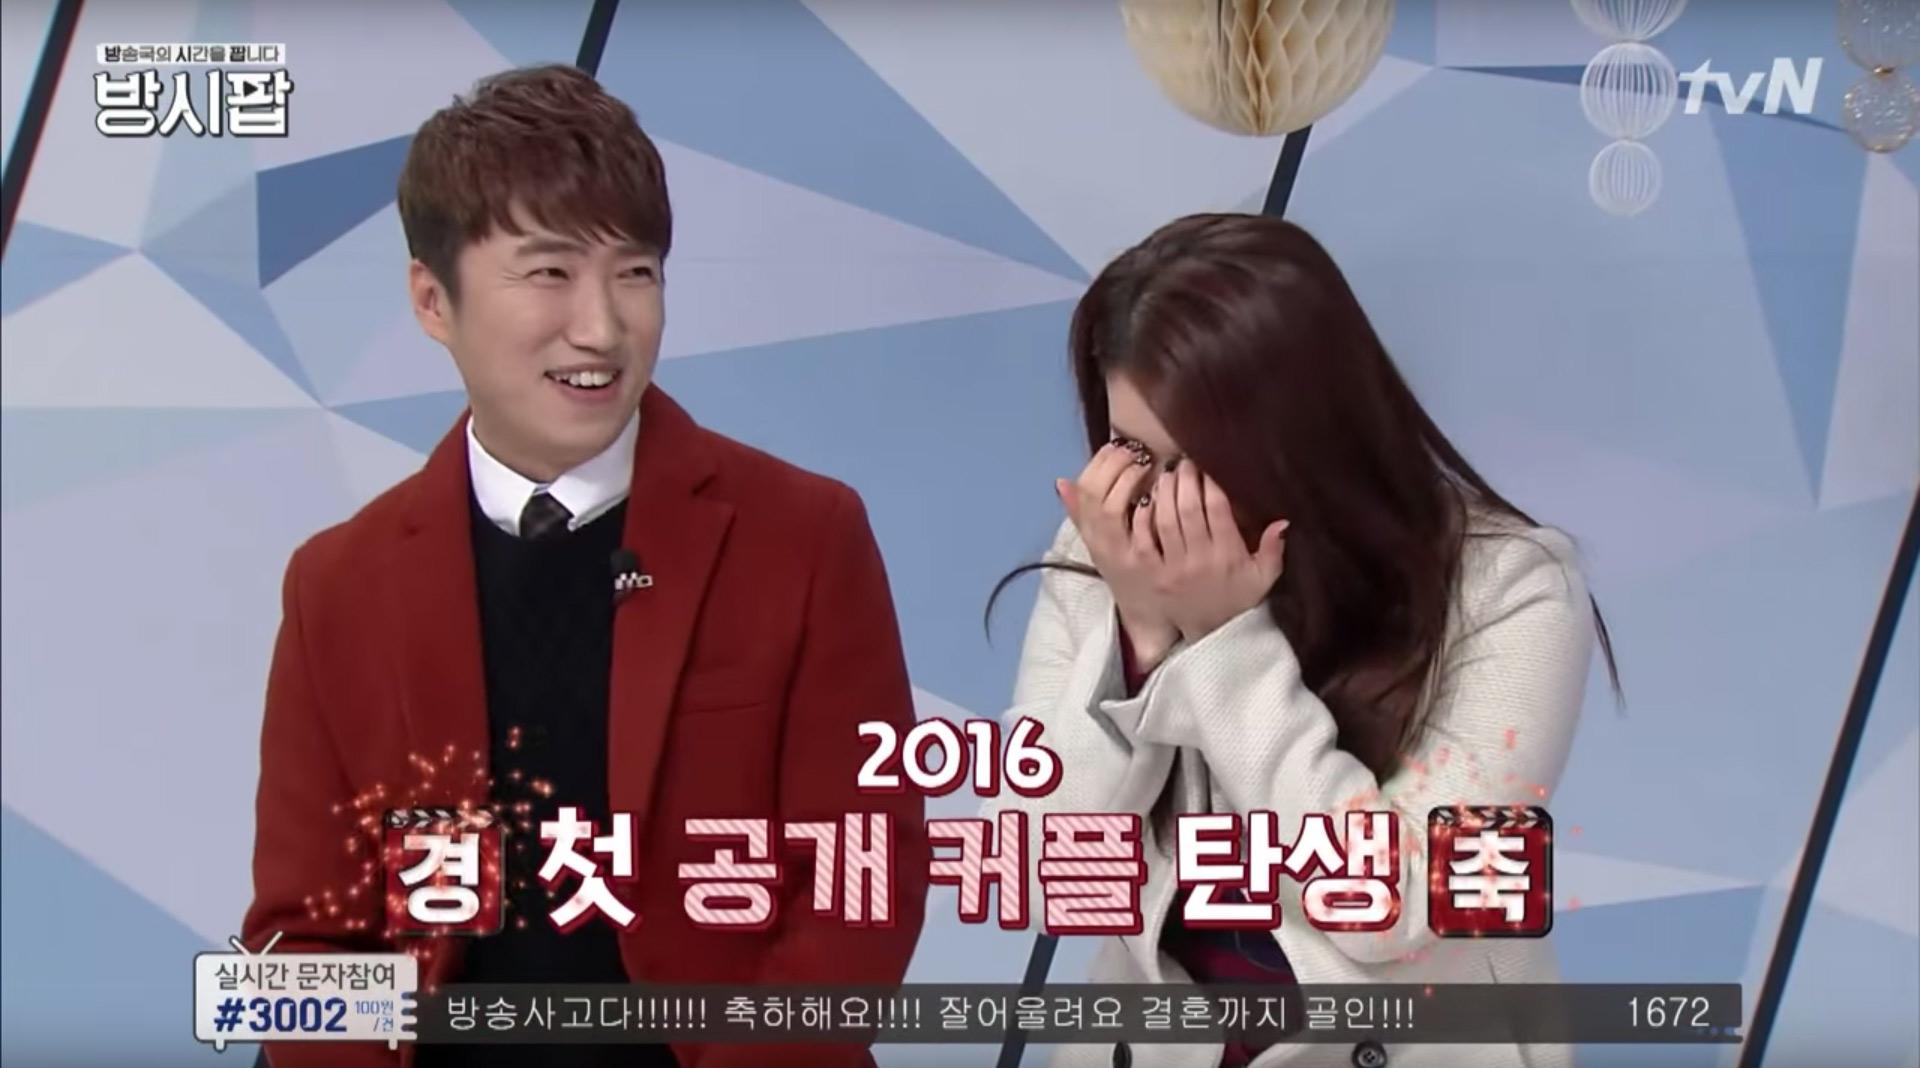 Kpop singers dating